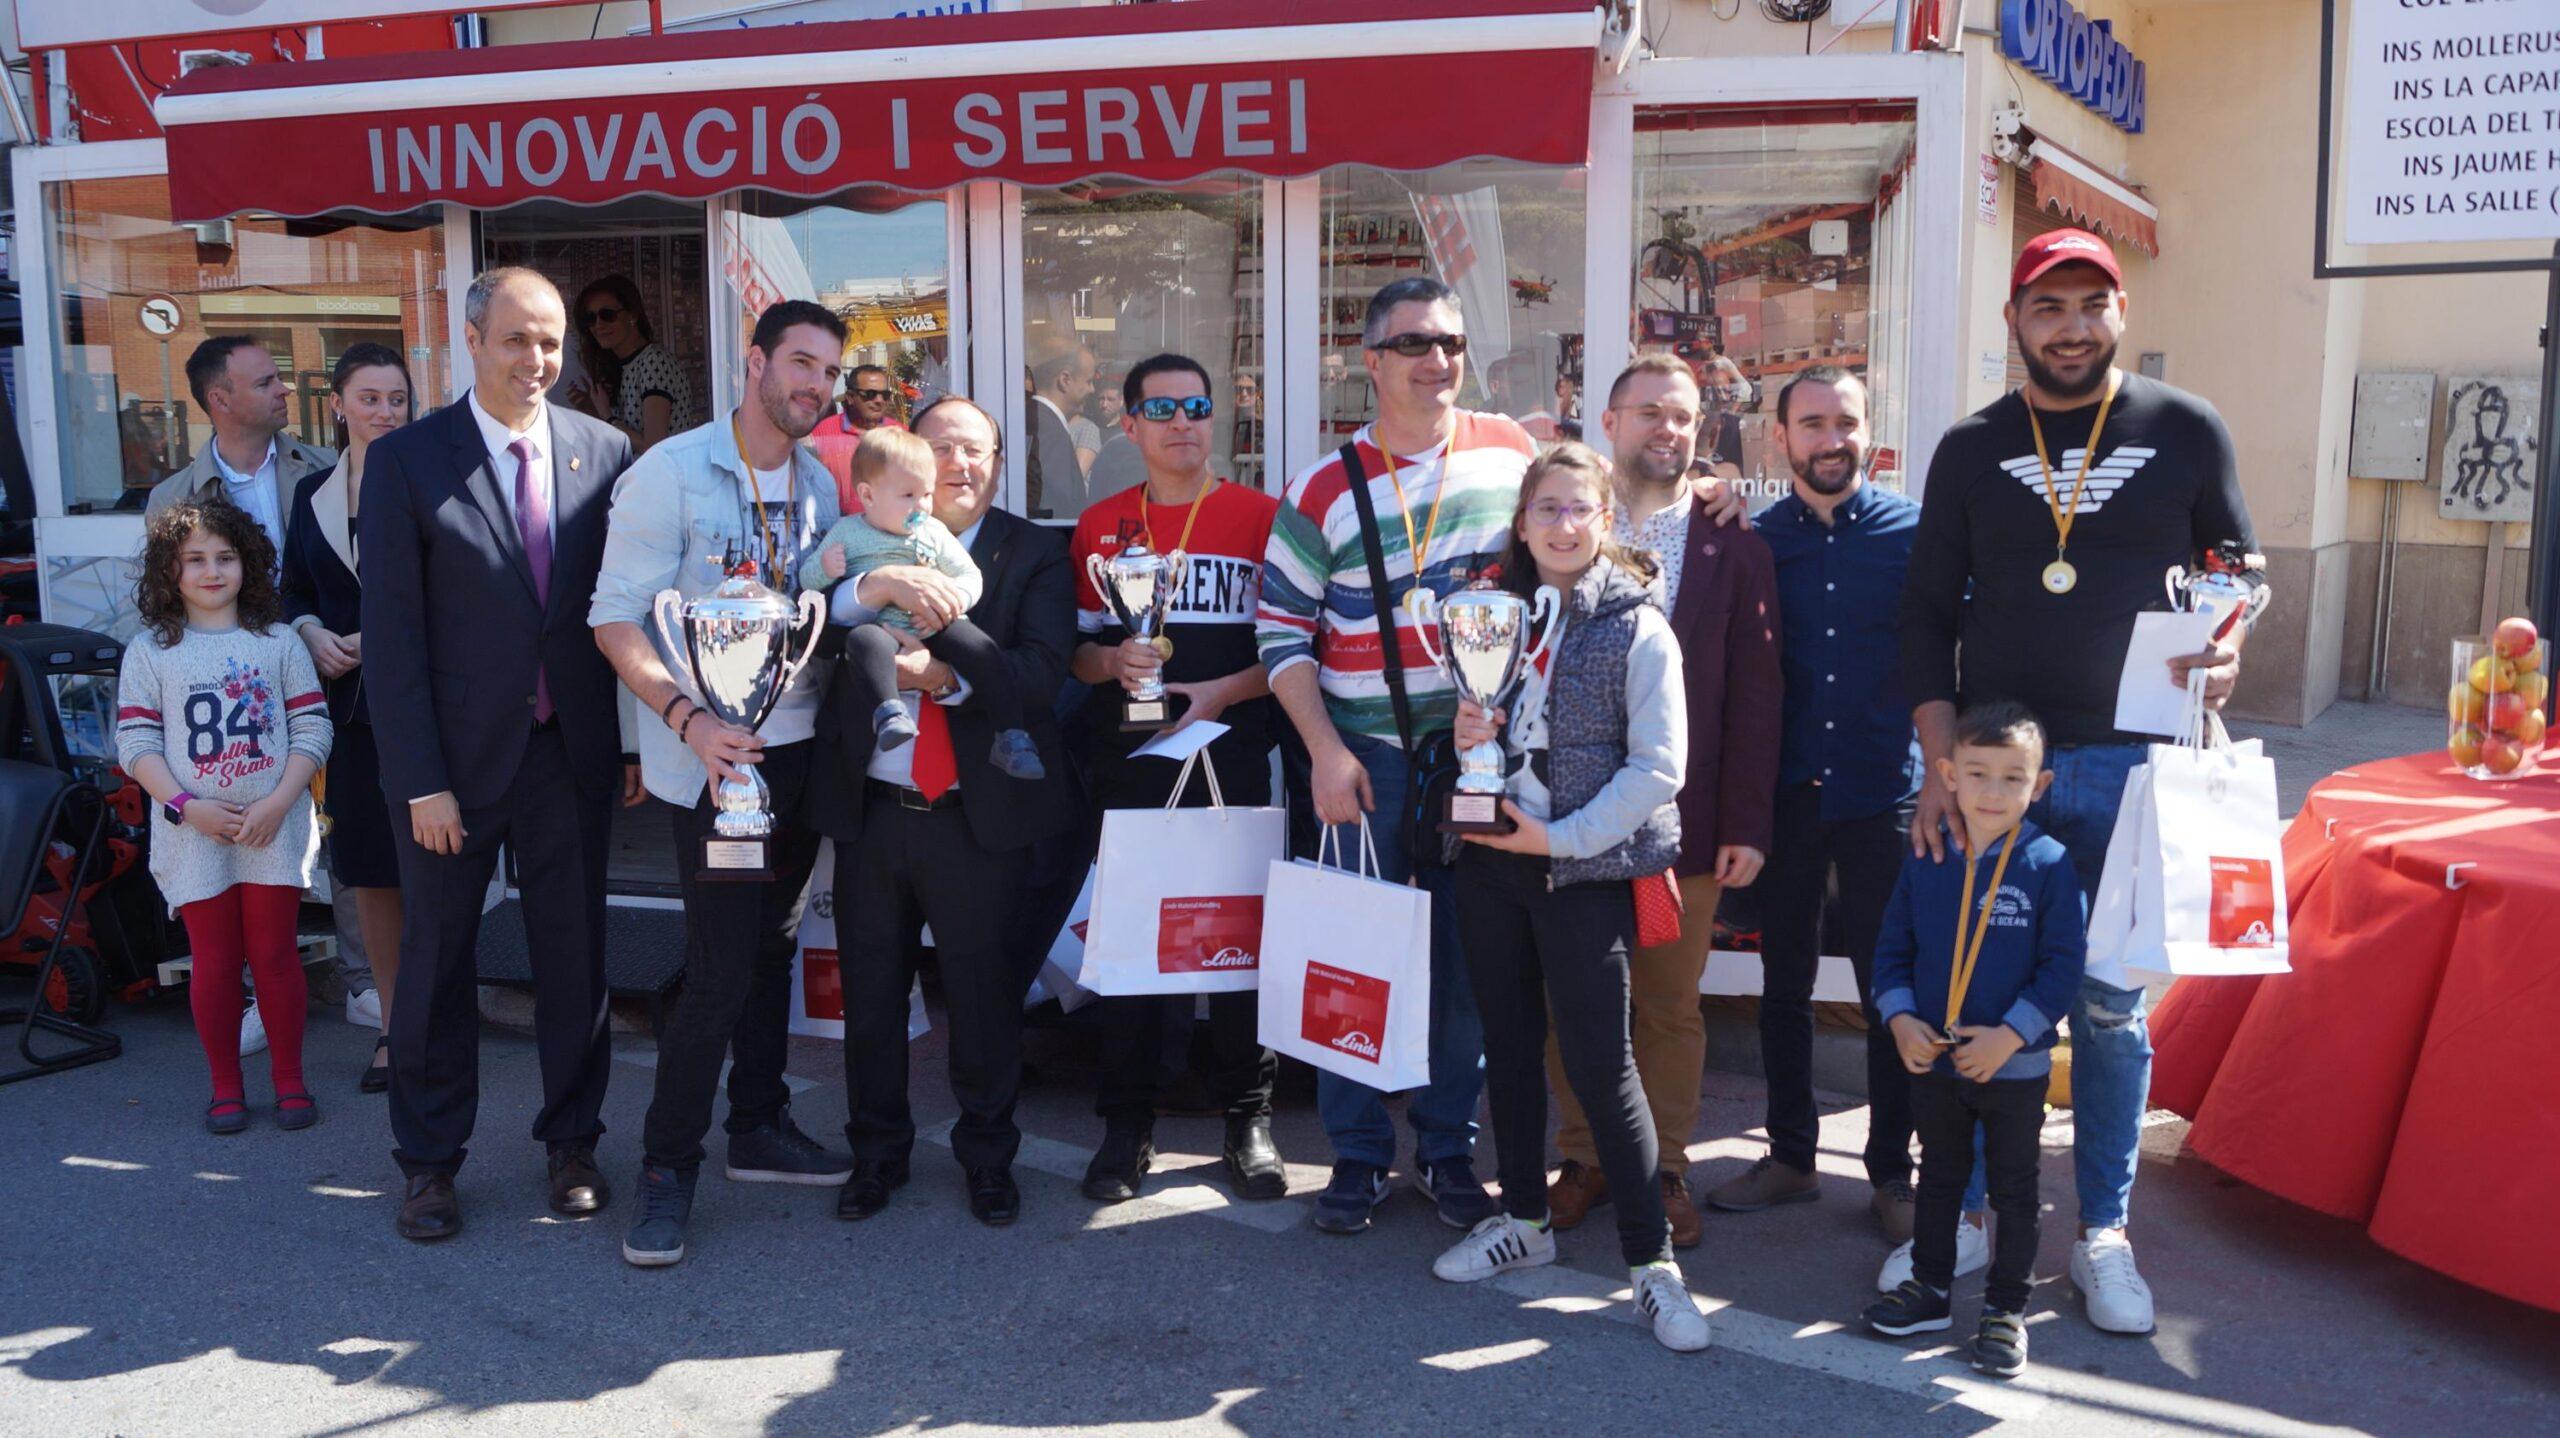 Foto grup guanyadors Concurs de Carretilles (2)